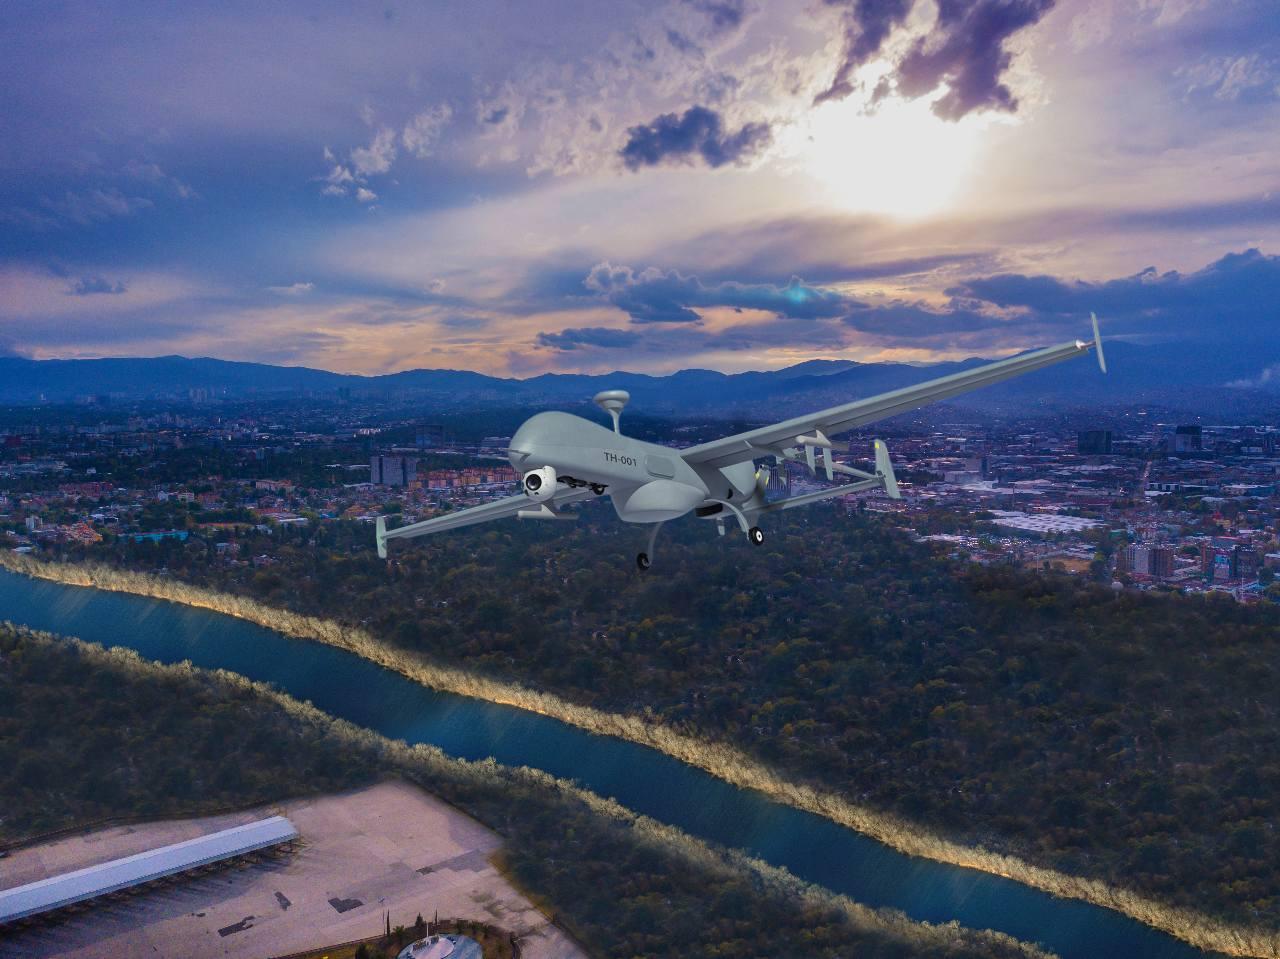 Paris Air Show 2019: IAI will unveil the T-Heron drone